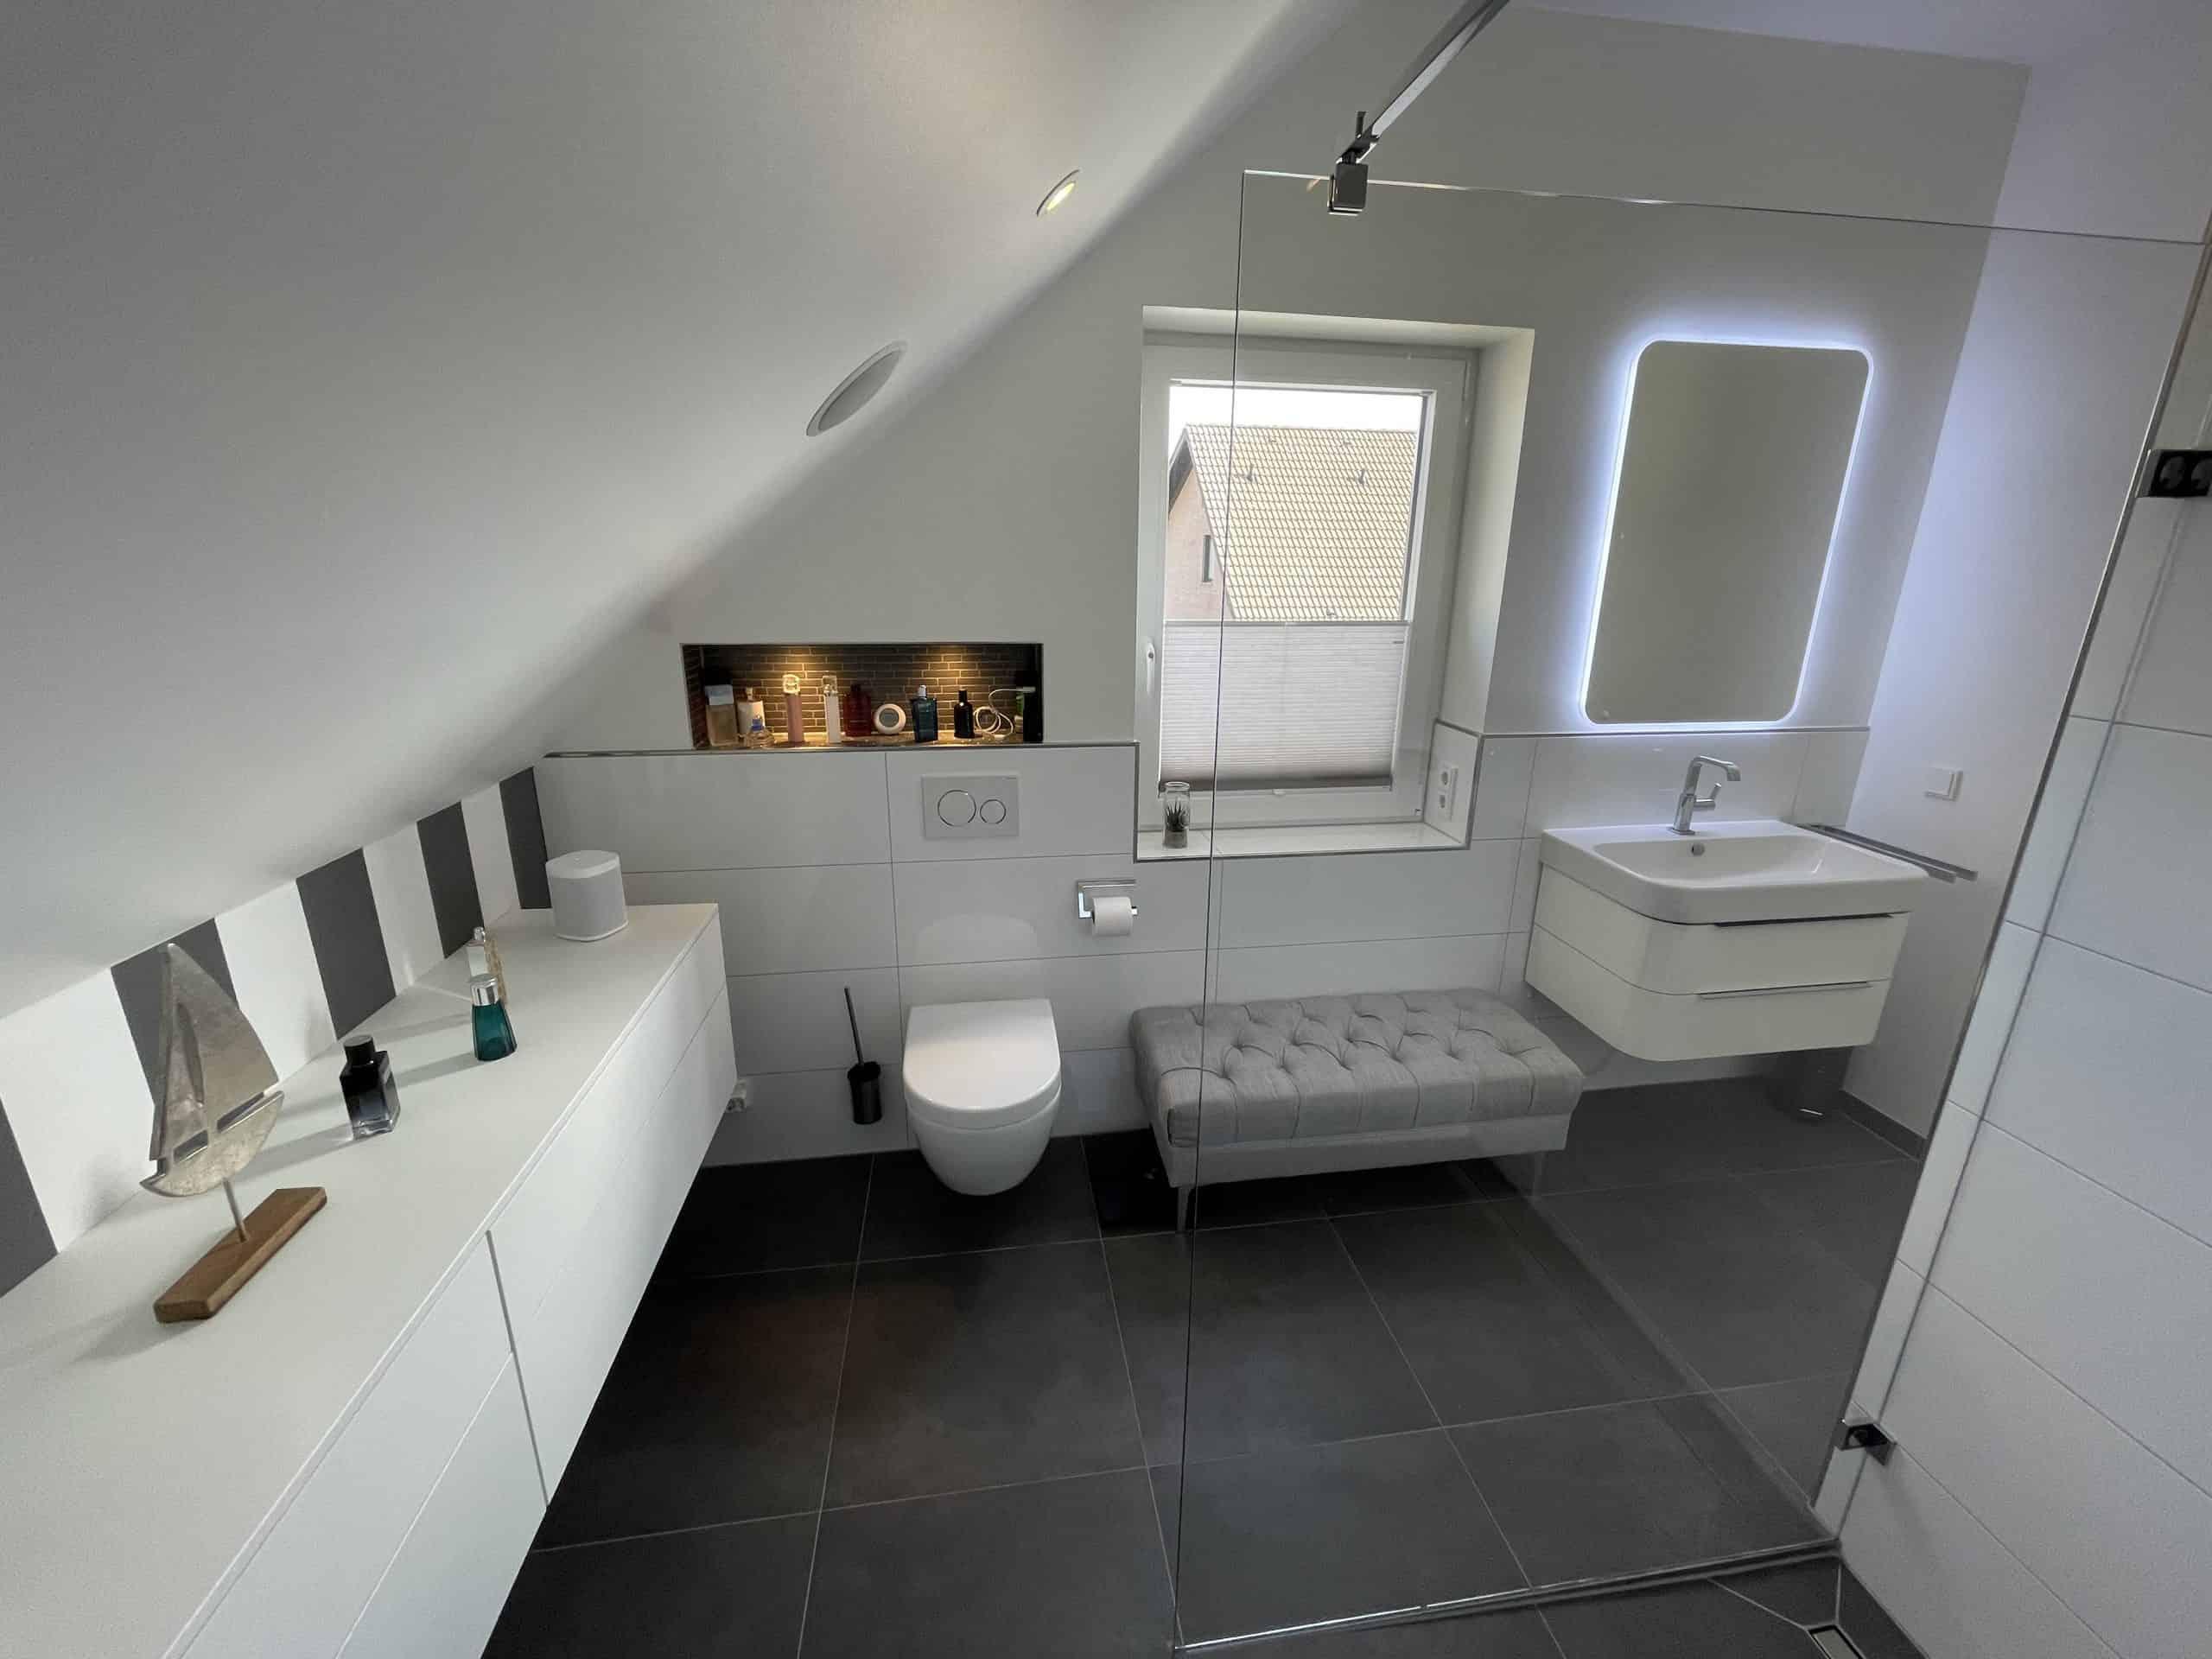 Baddesign Waschtisch WC nachher